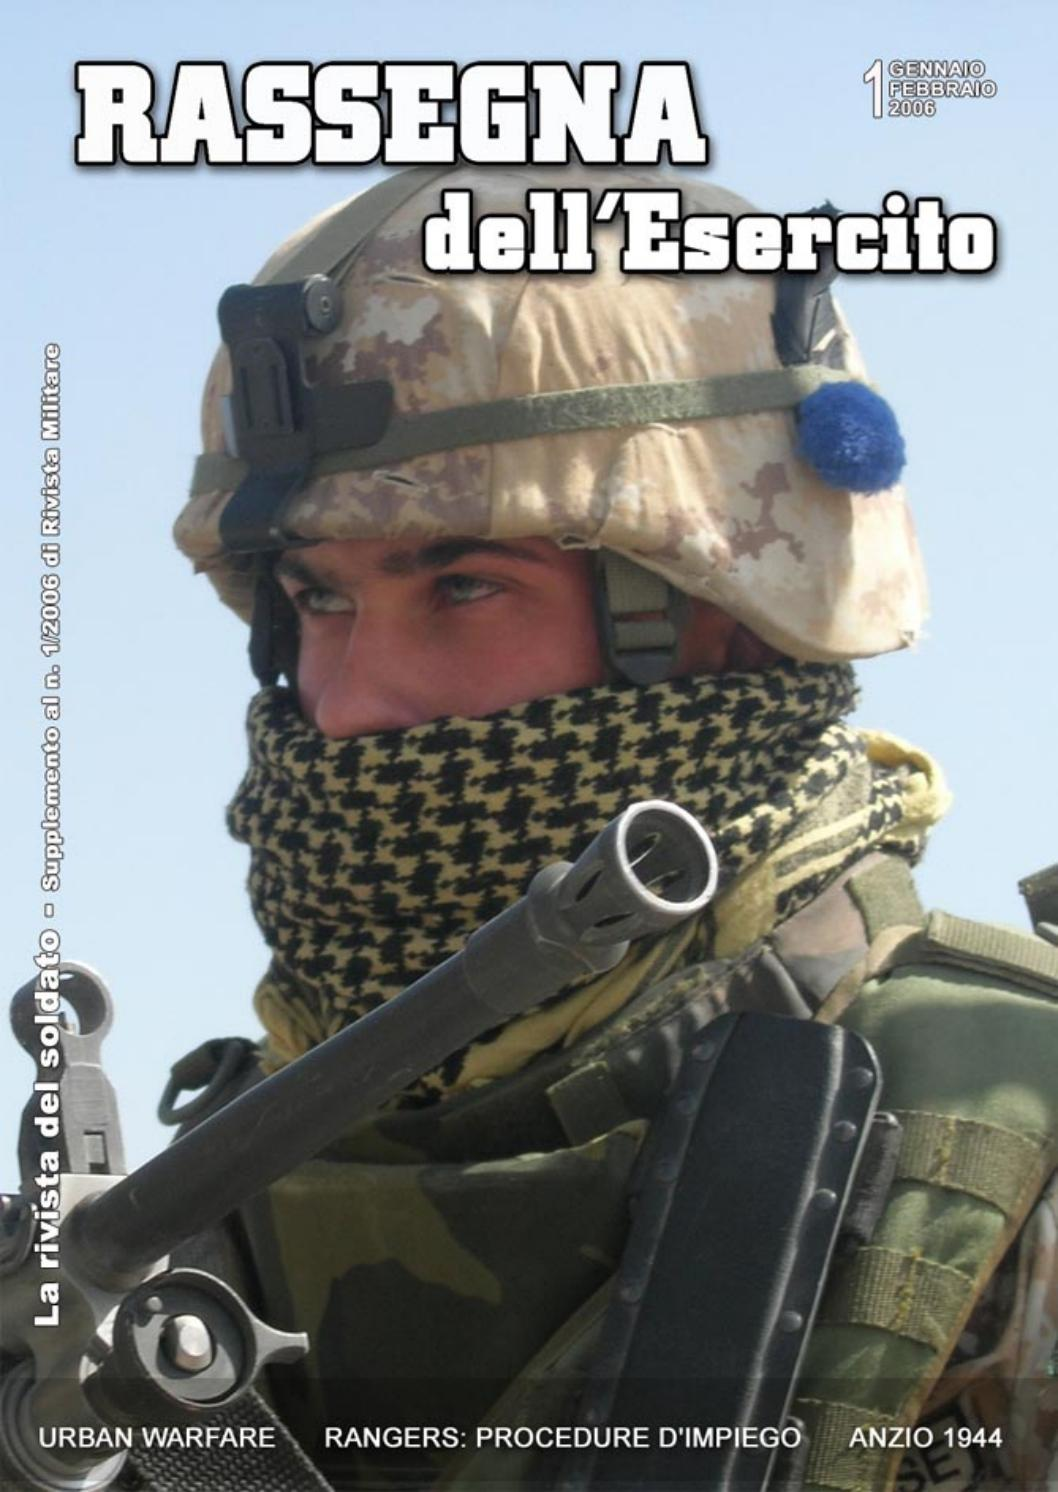 RASSEGNA DELL'ESERCITO 2006 N.1 by Biblioteca Militare issuu